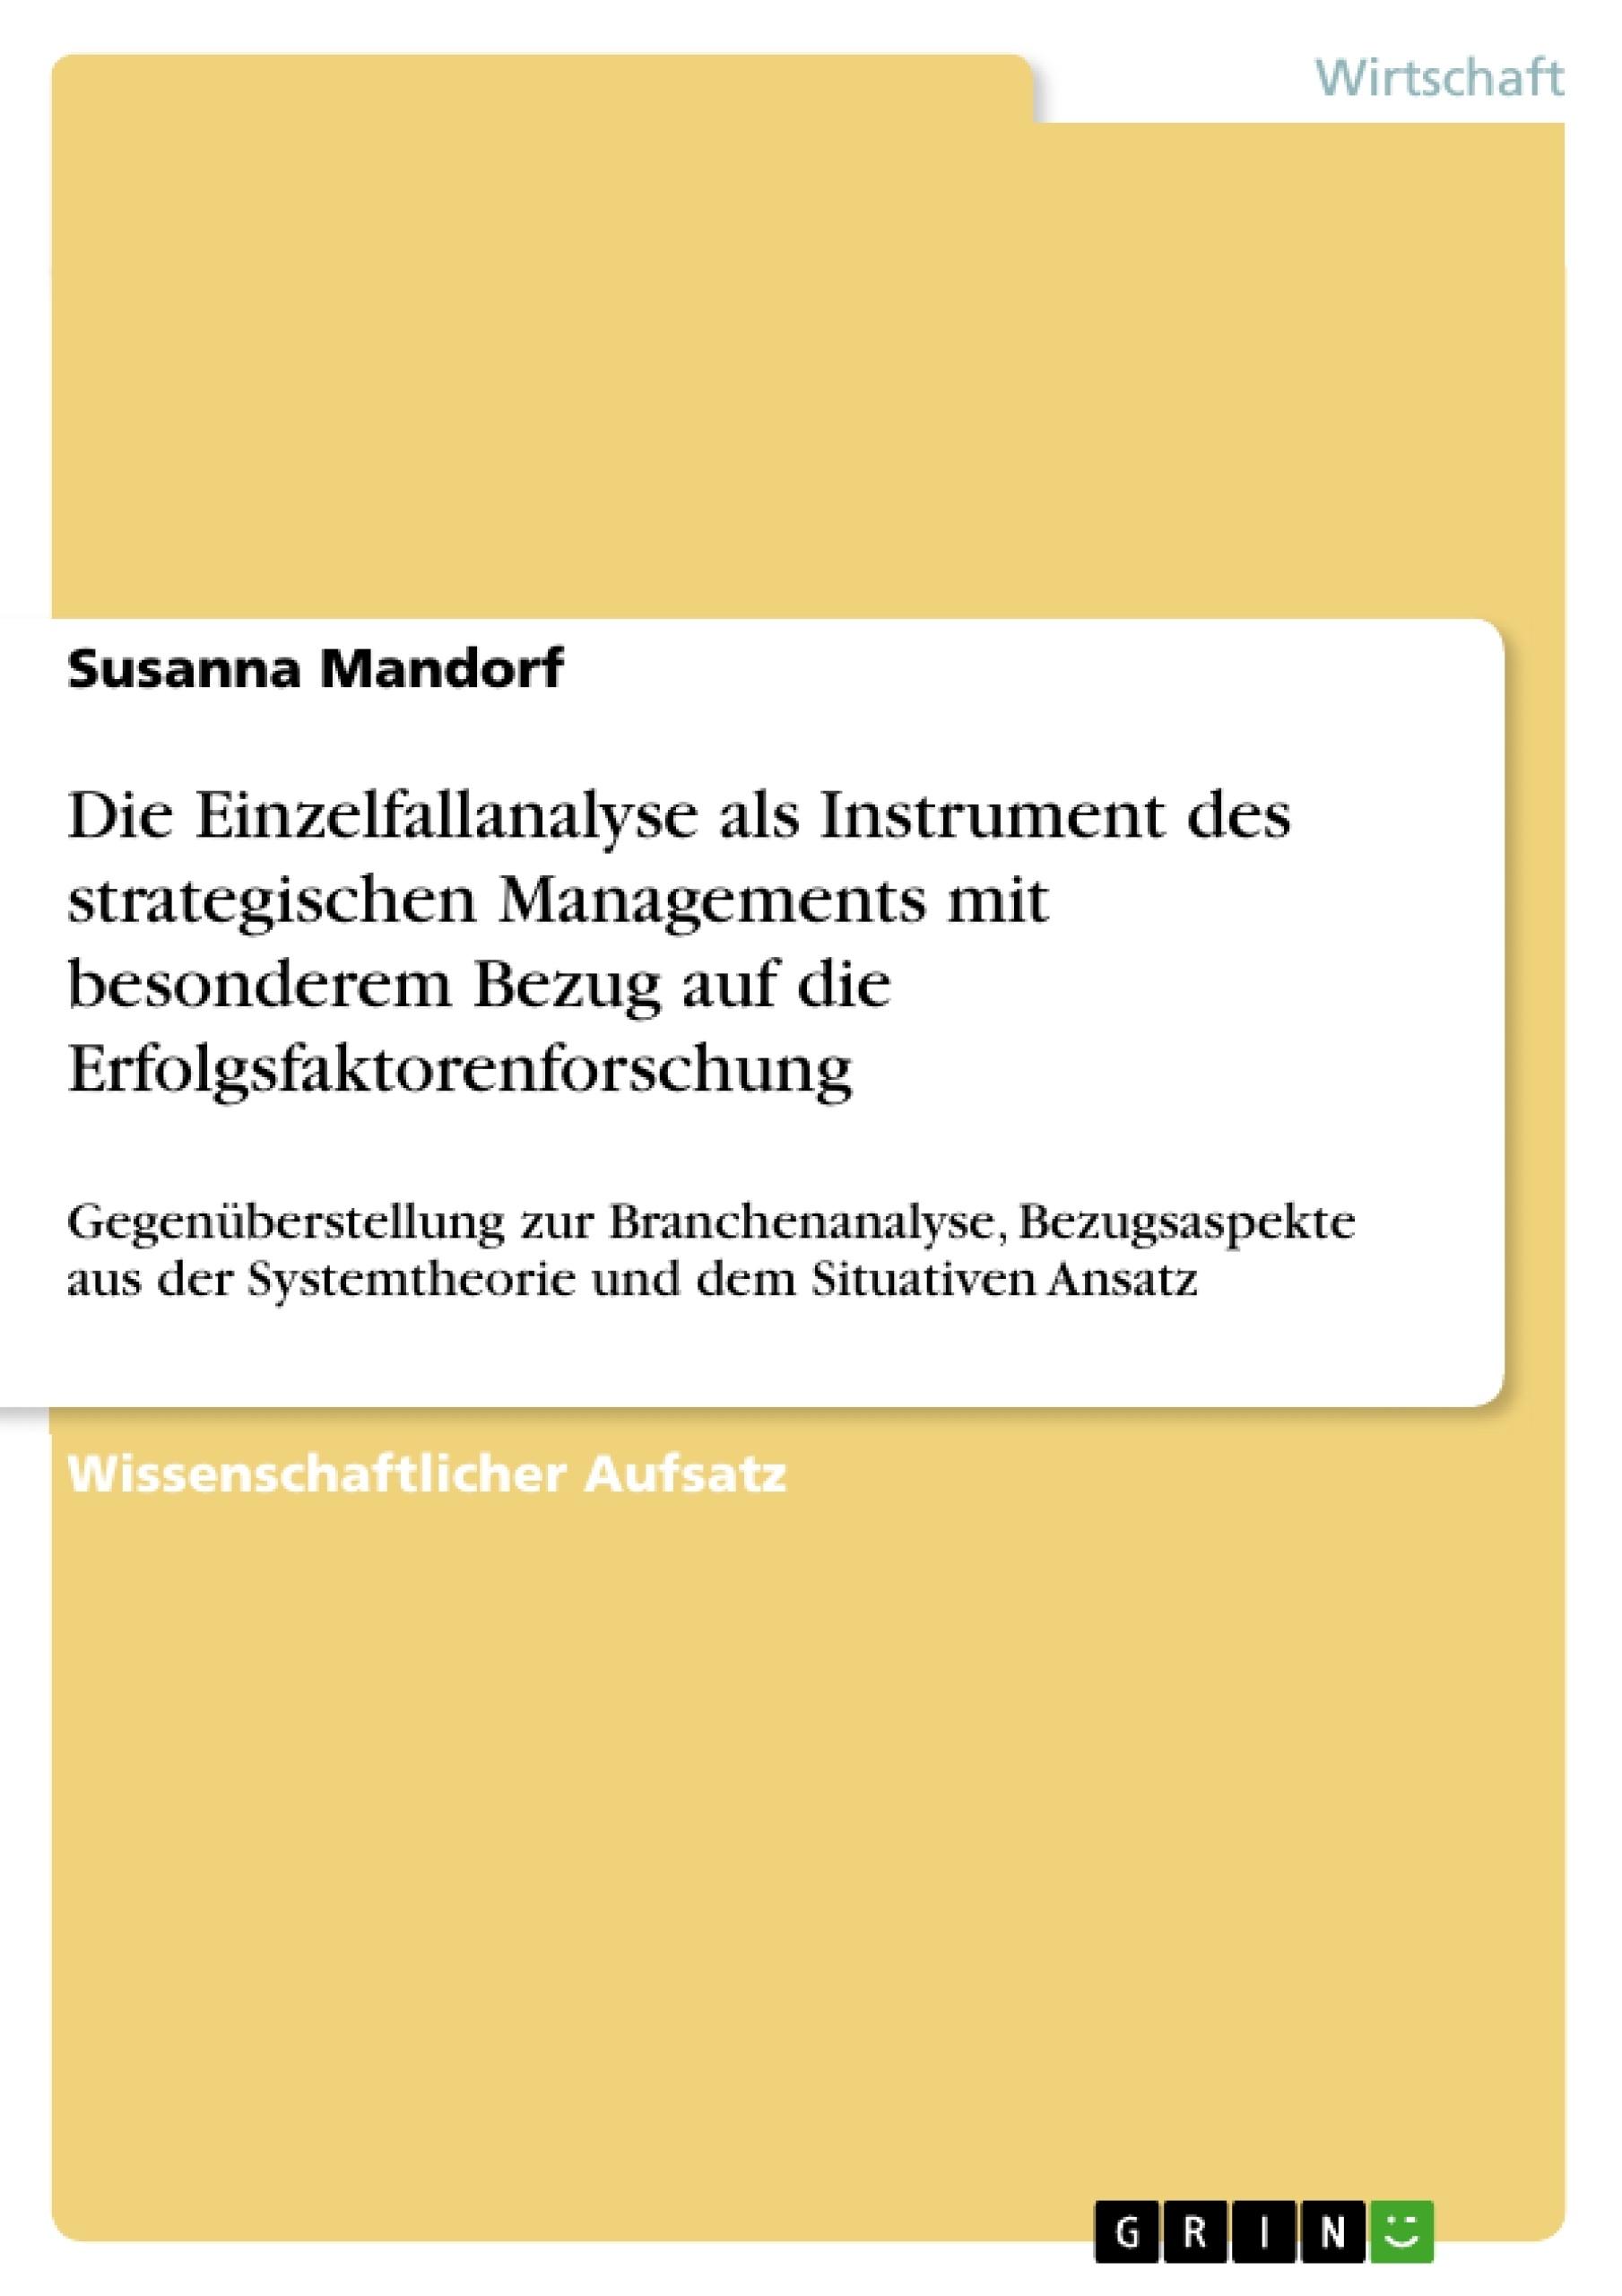 Titel: Die Einzelfallanalyse als Instrument des strategischen Managements mit besonderem Bezug auf die Erfolgsfaktorenforschung